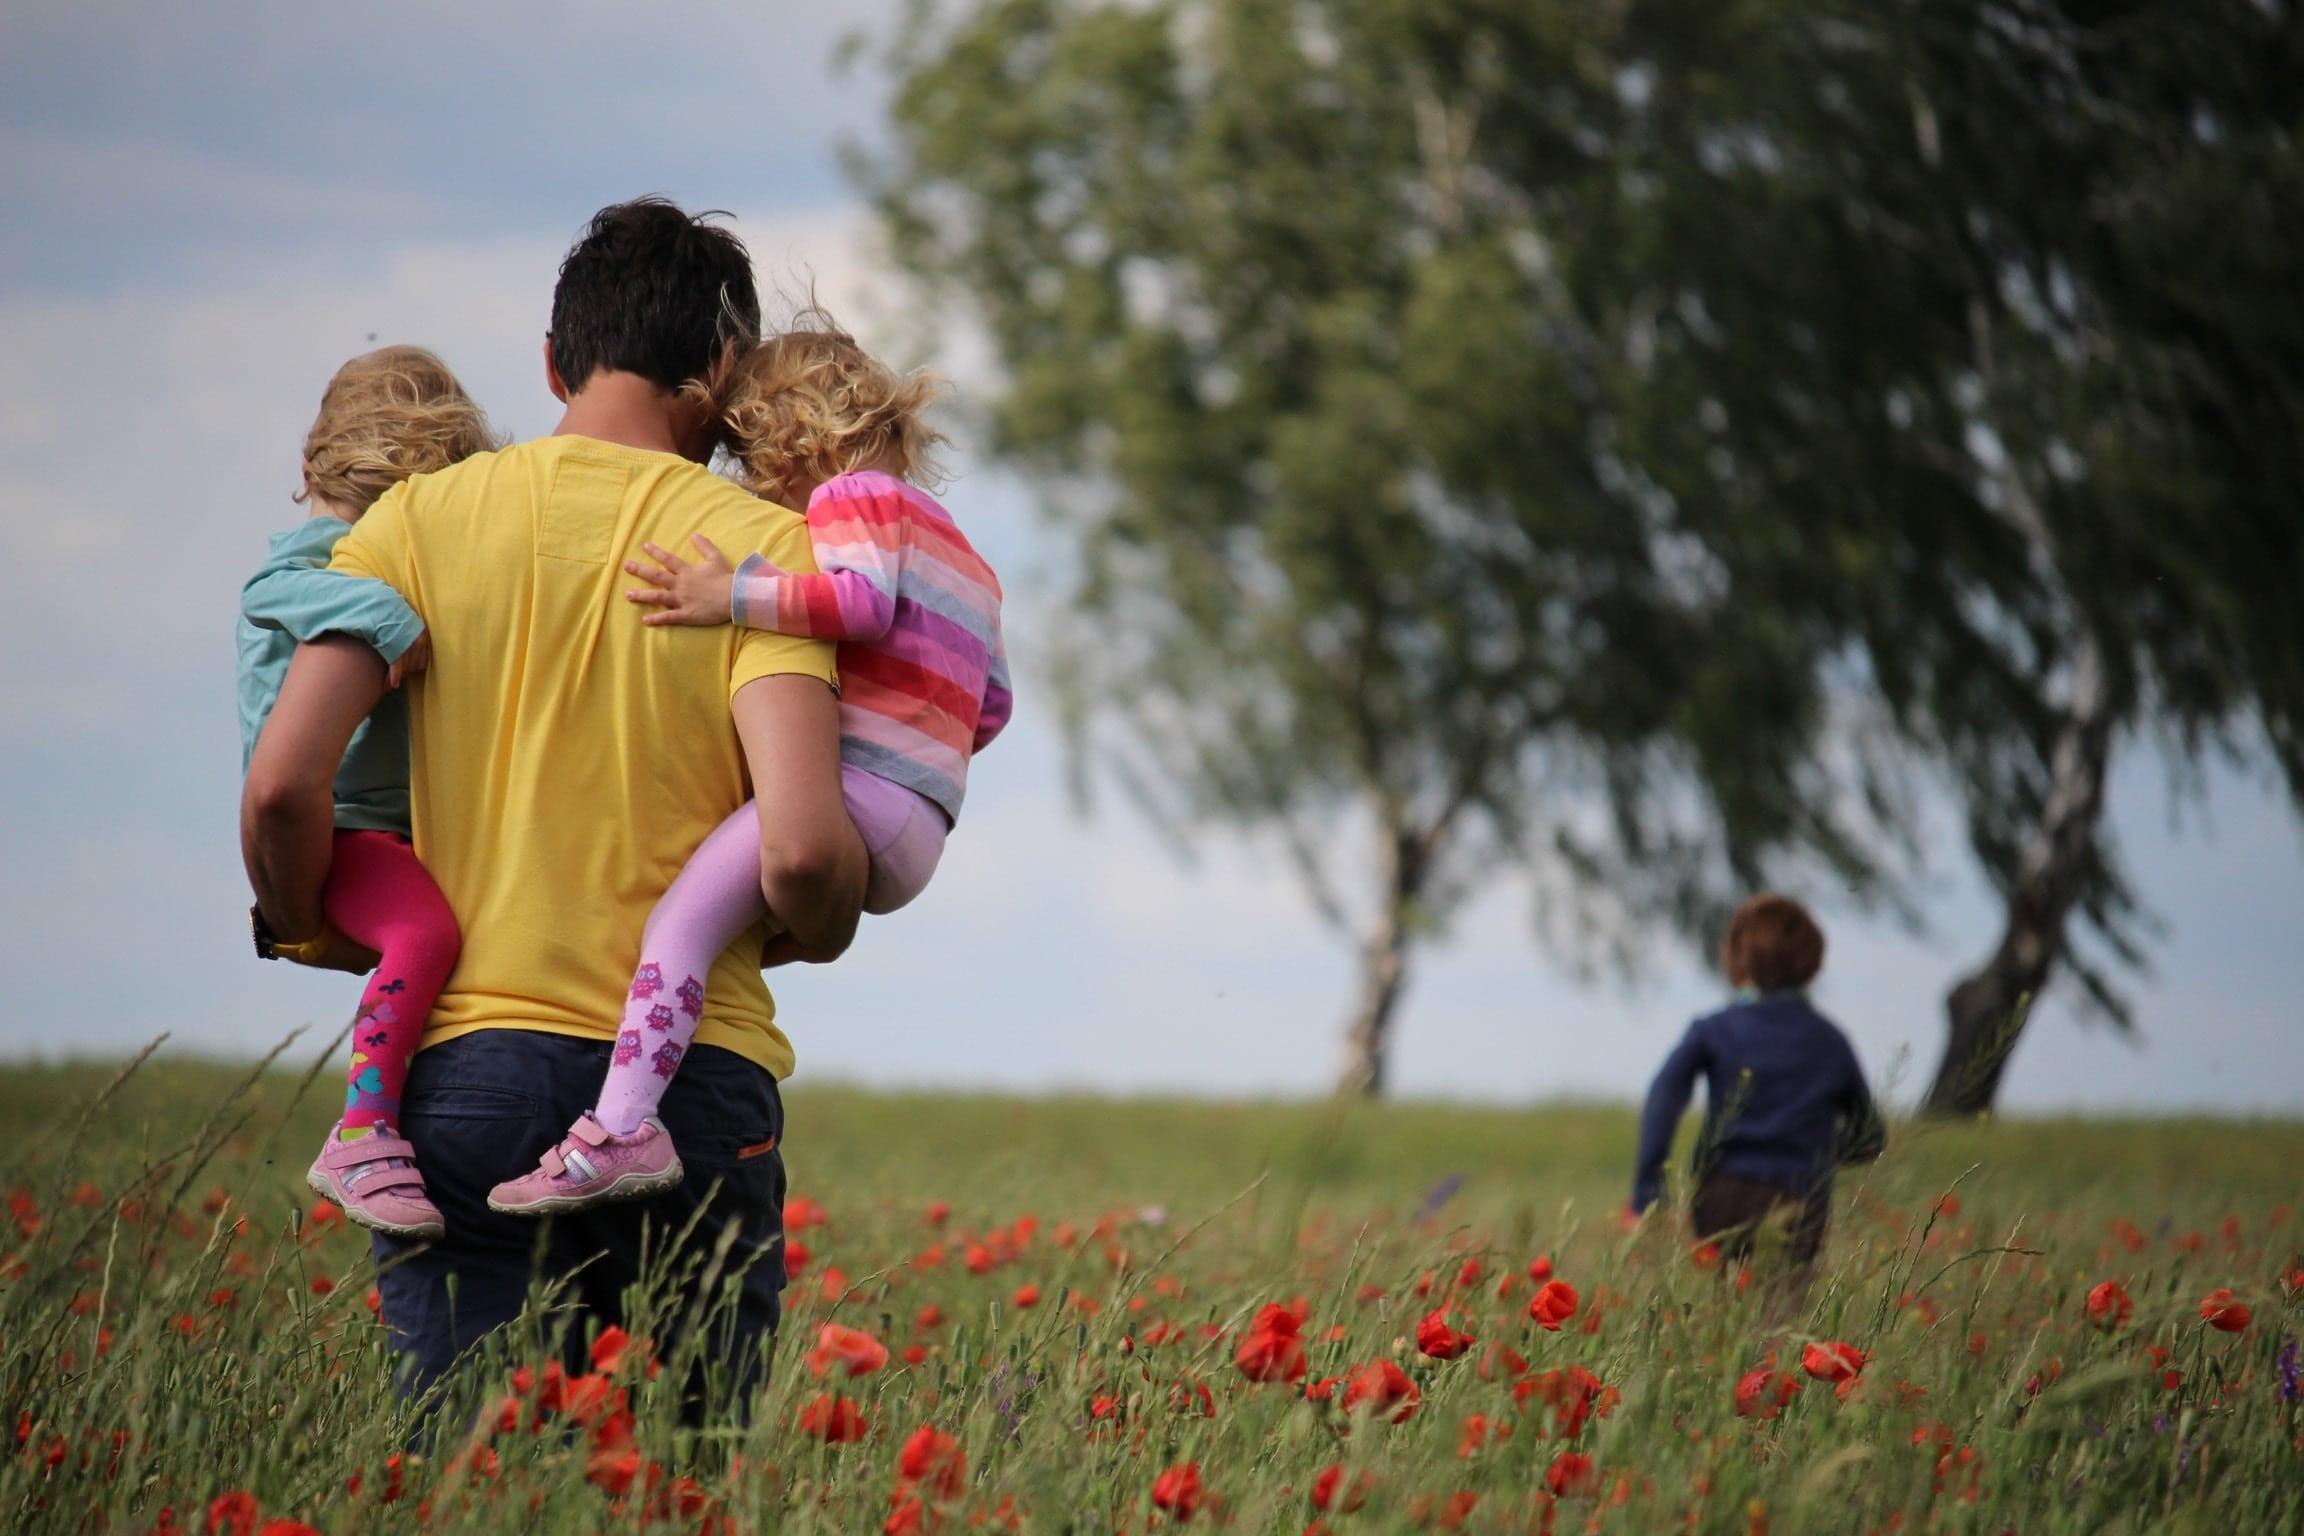 Pai levando crianças para passear no parque.